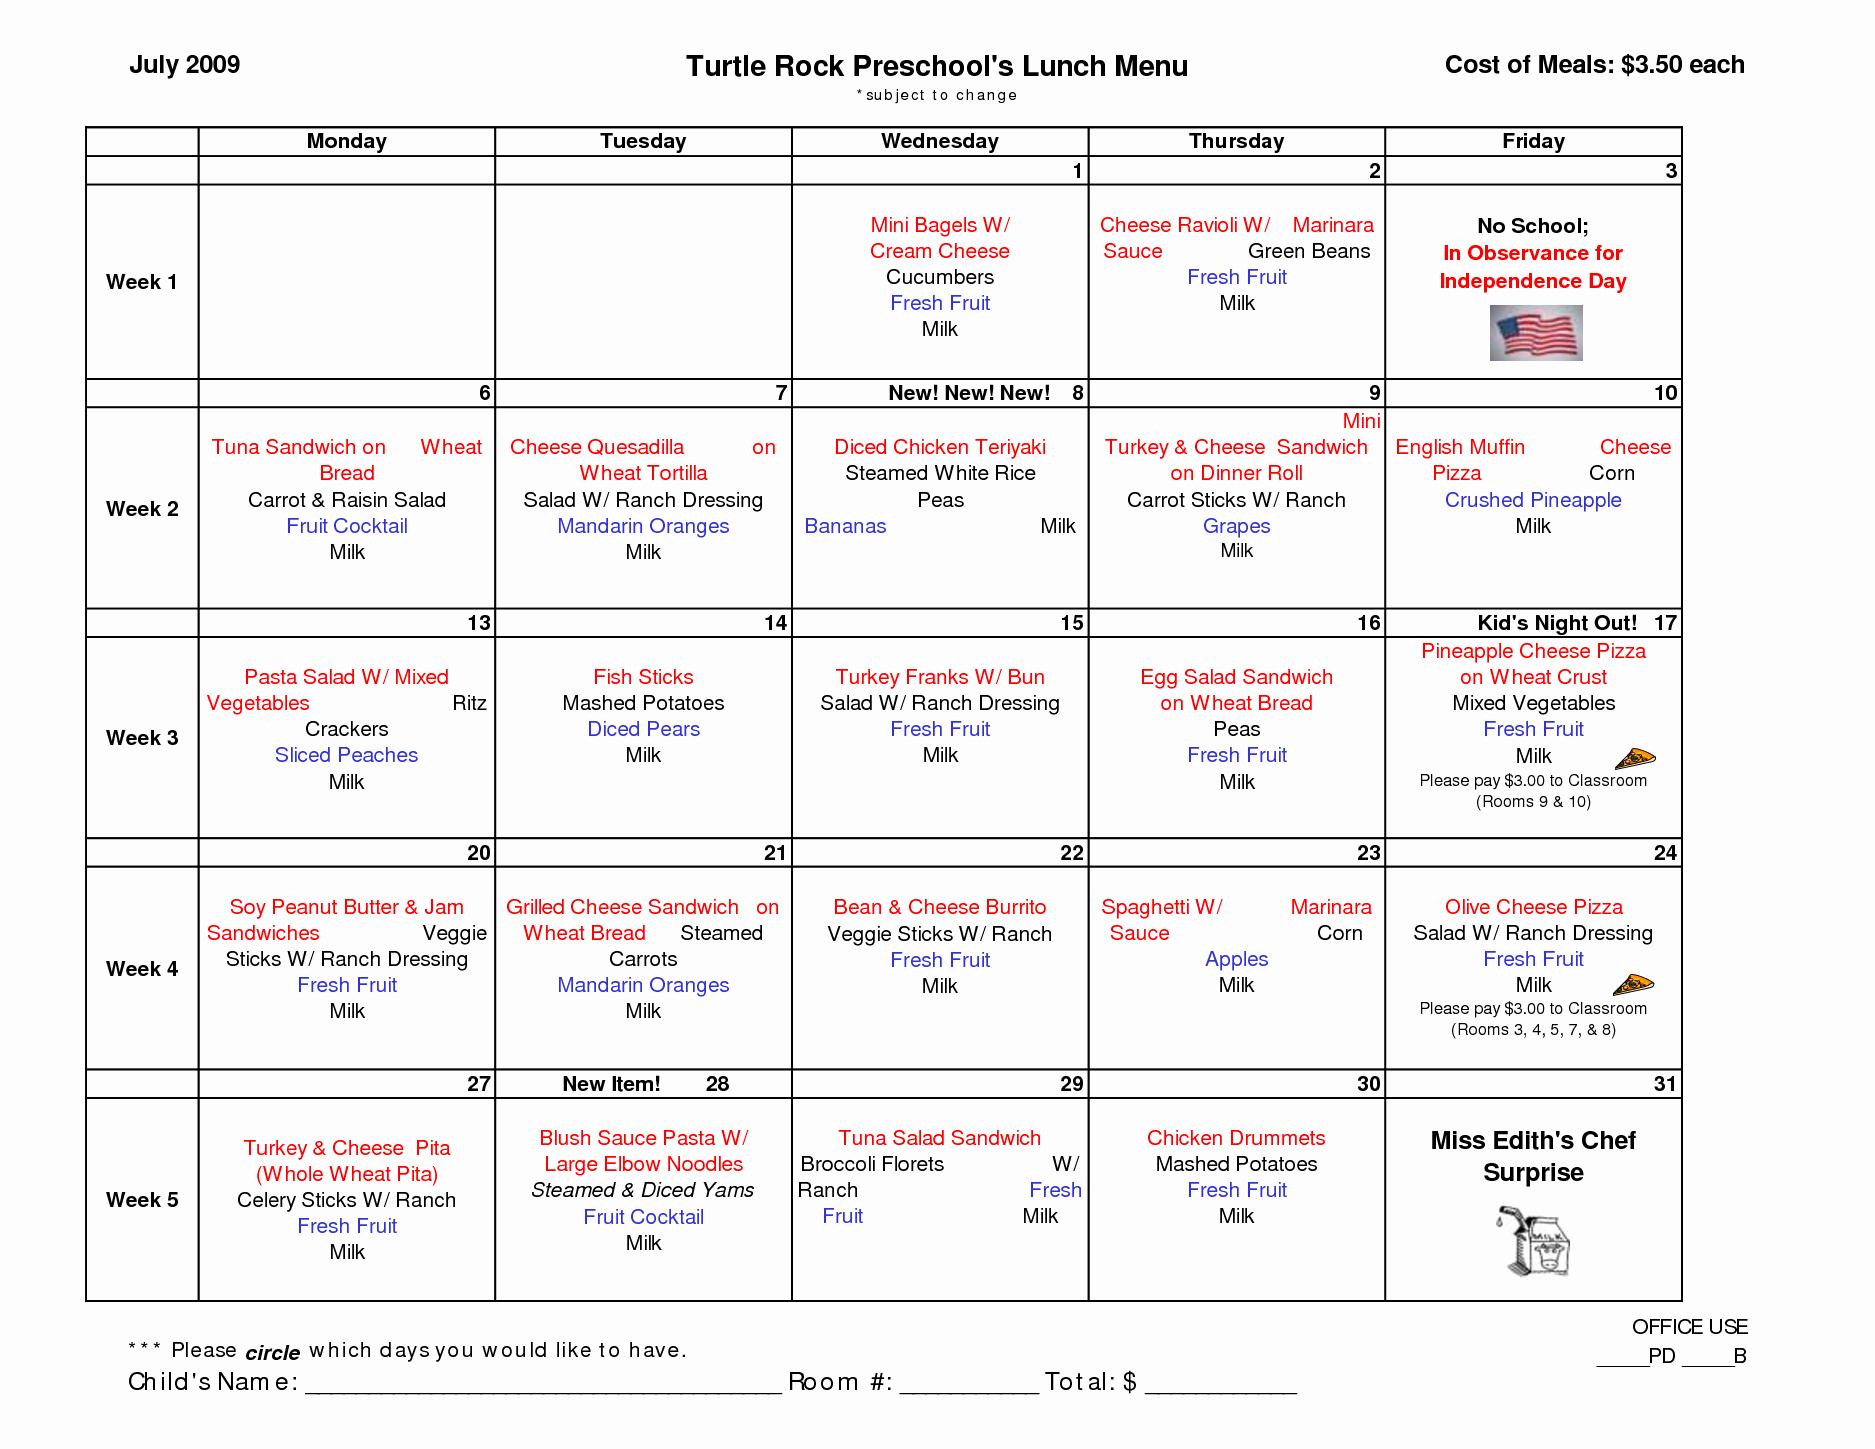 Lunch Menu Template Free Best Of Preschool Lunch Menu Template In 2019